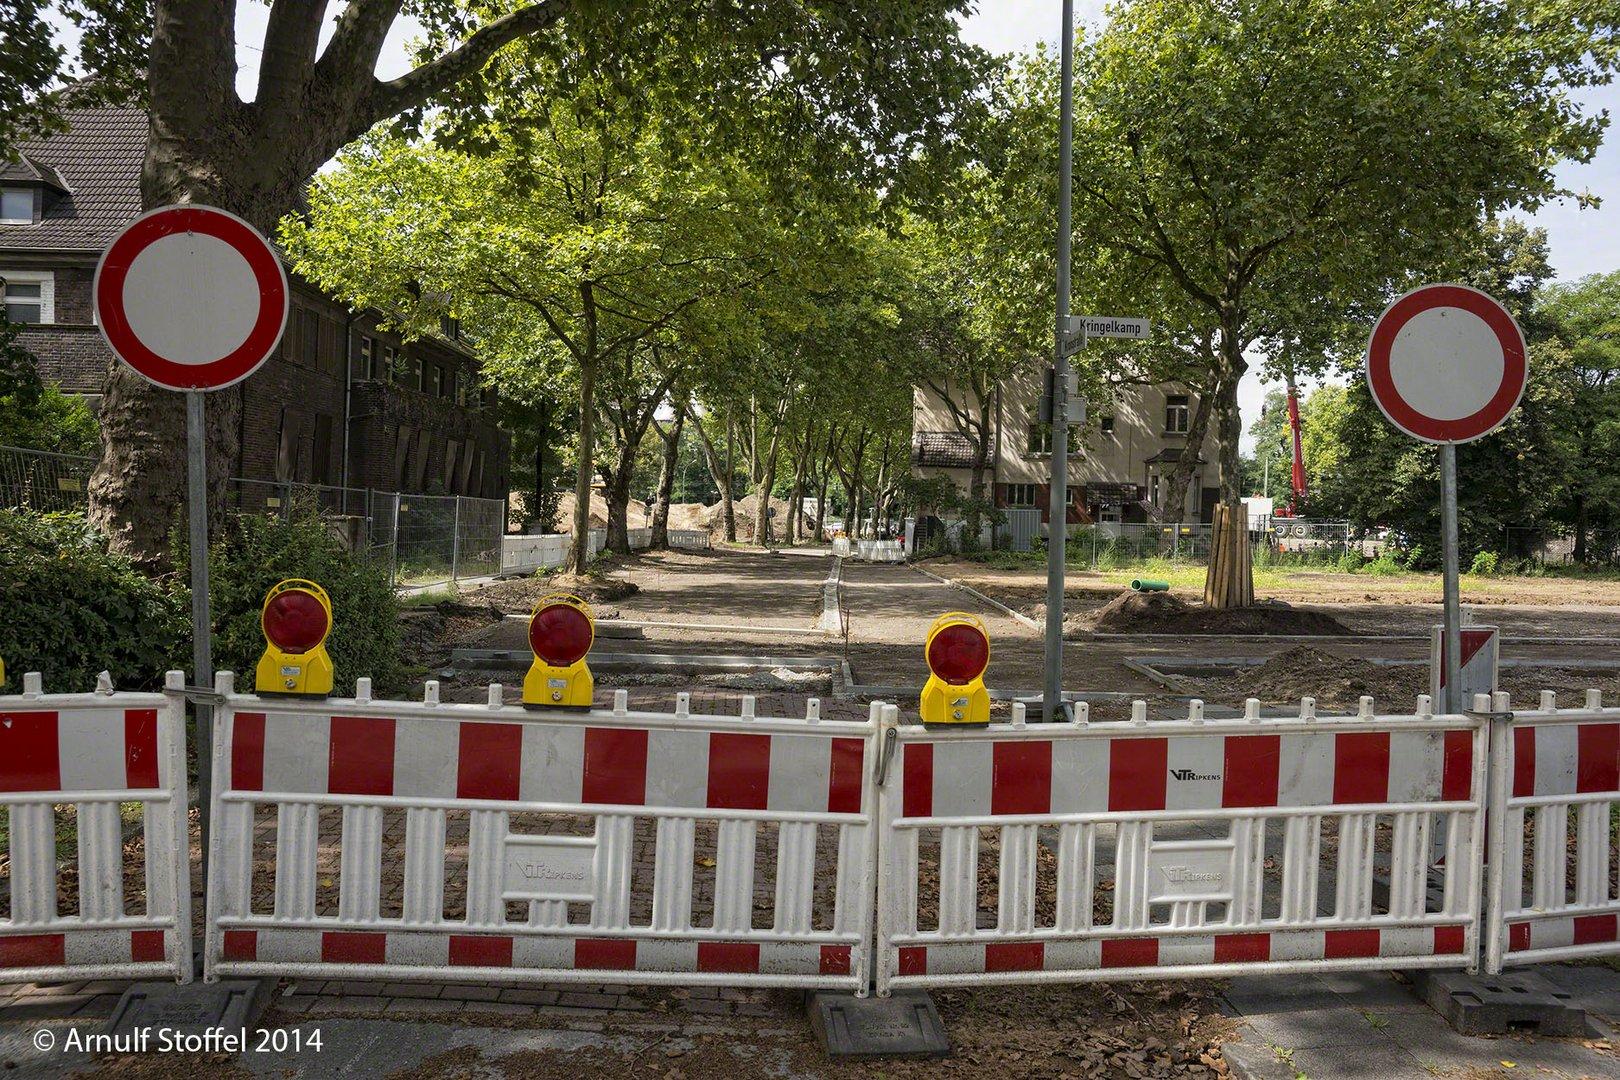 Durchfahrt Verboten - Hier entsteht ein Grüngürtel!